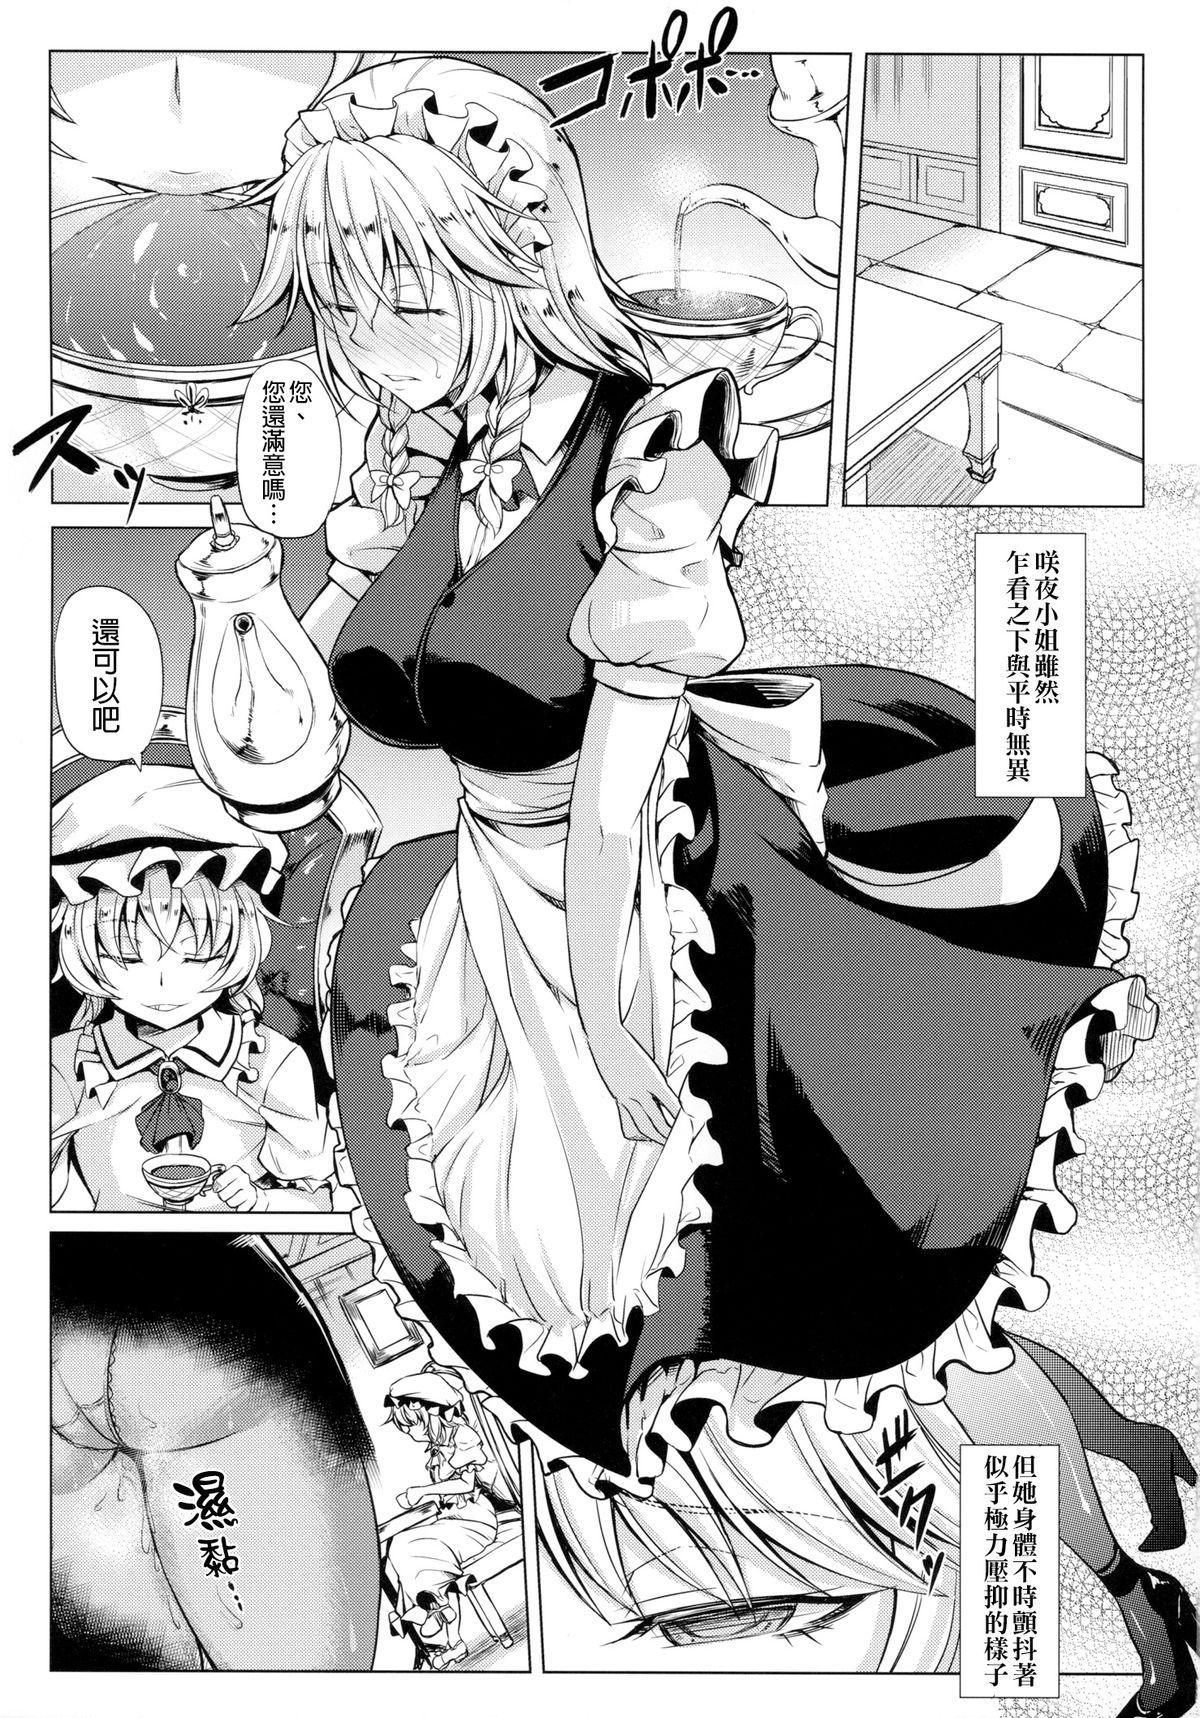 MeiSaku Choukyou Nikki 13